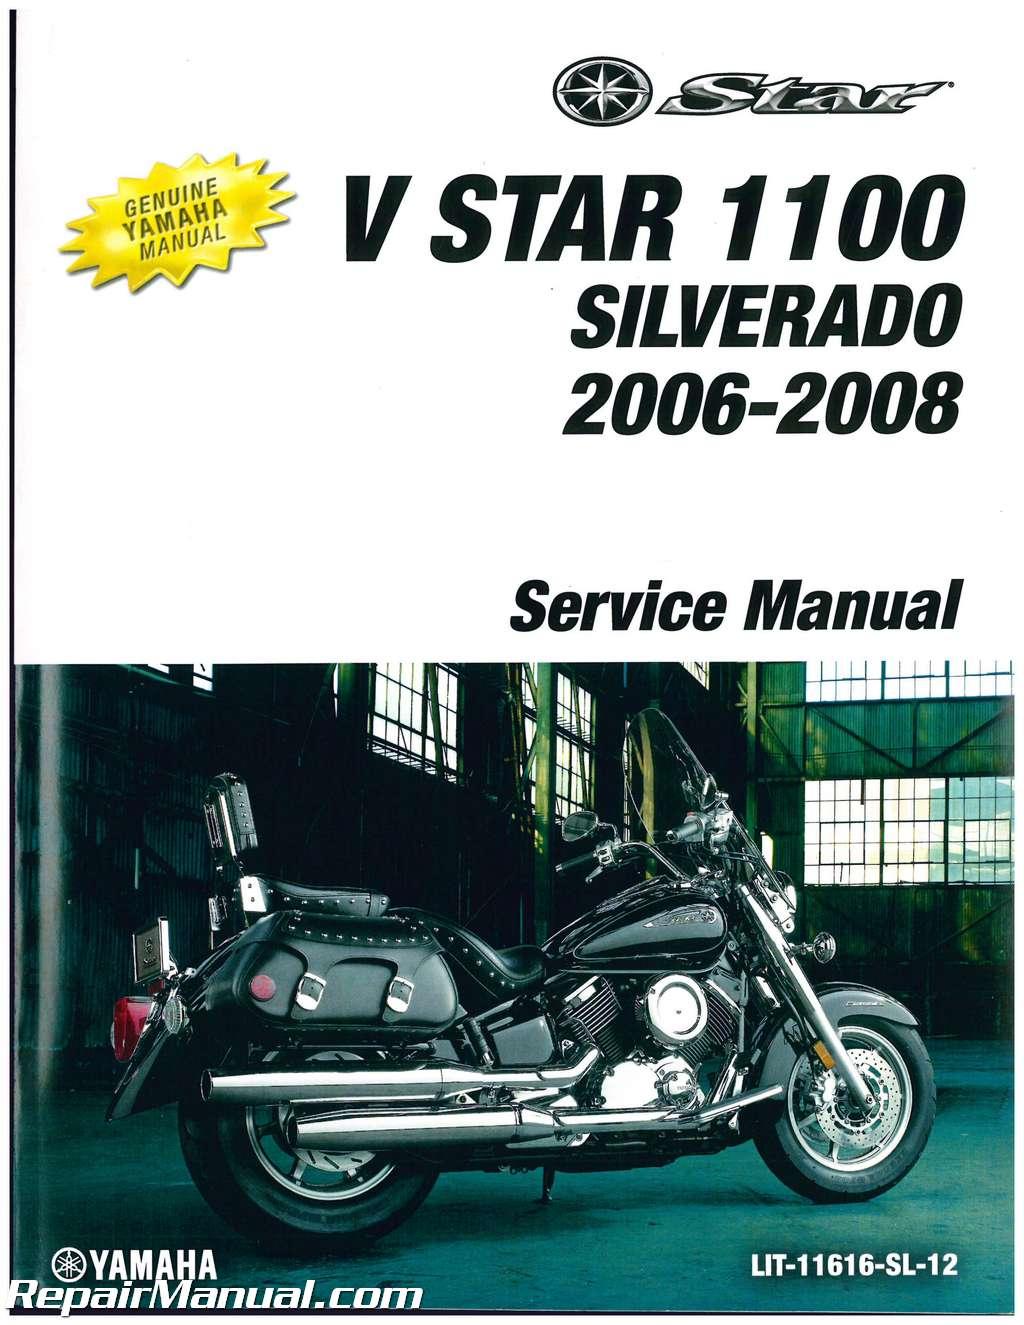 2008 yamaha v star 1100 service manual pdf